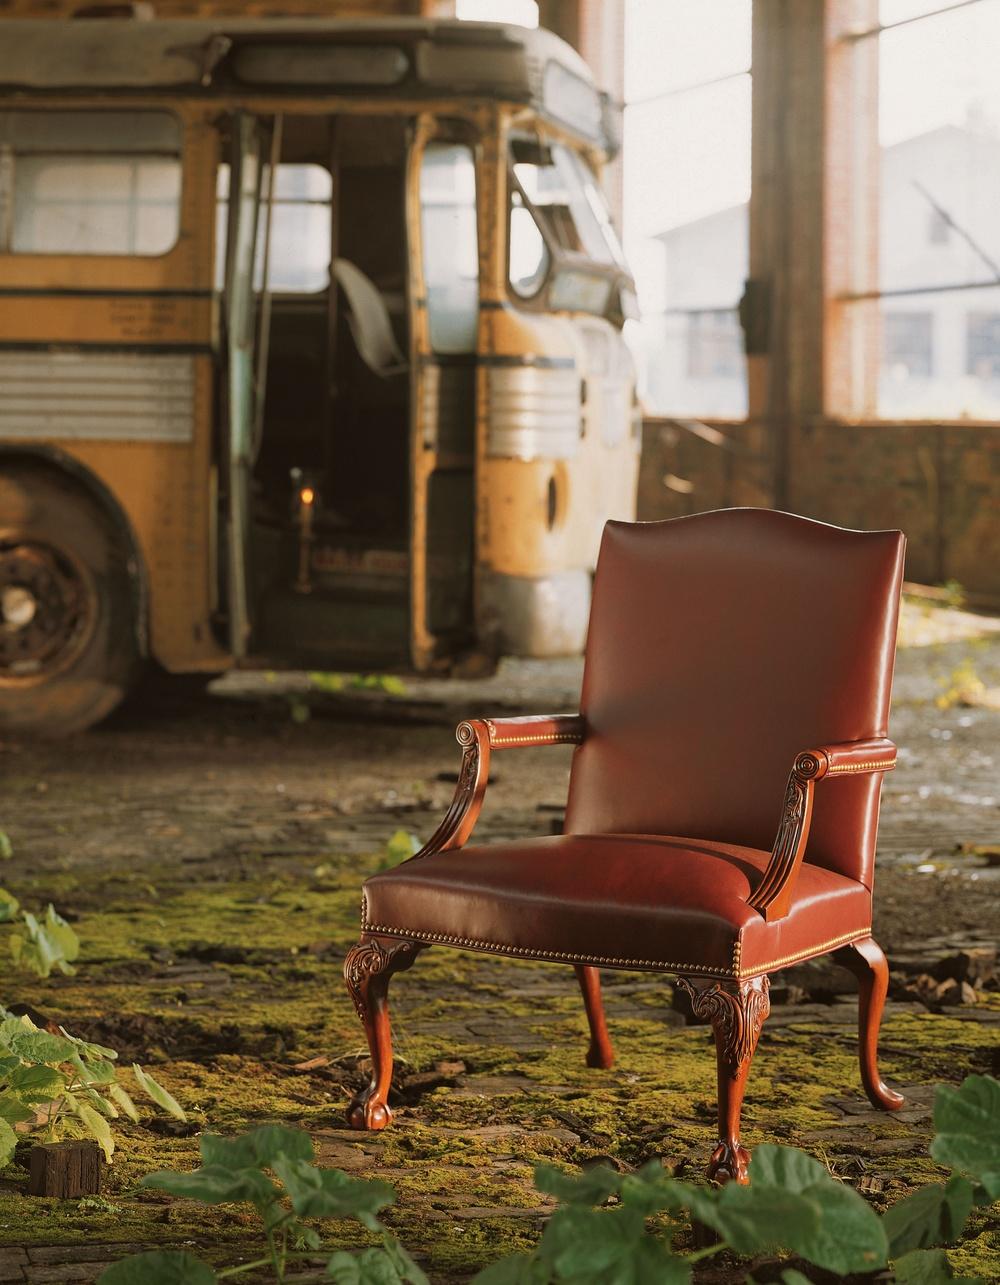 Hickory Chair - Gainsborough Chair